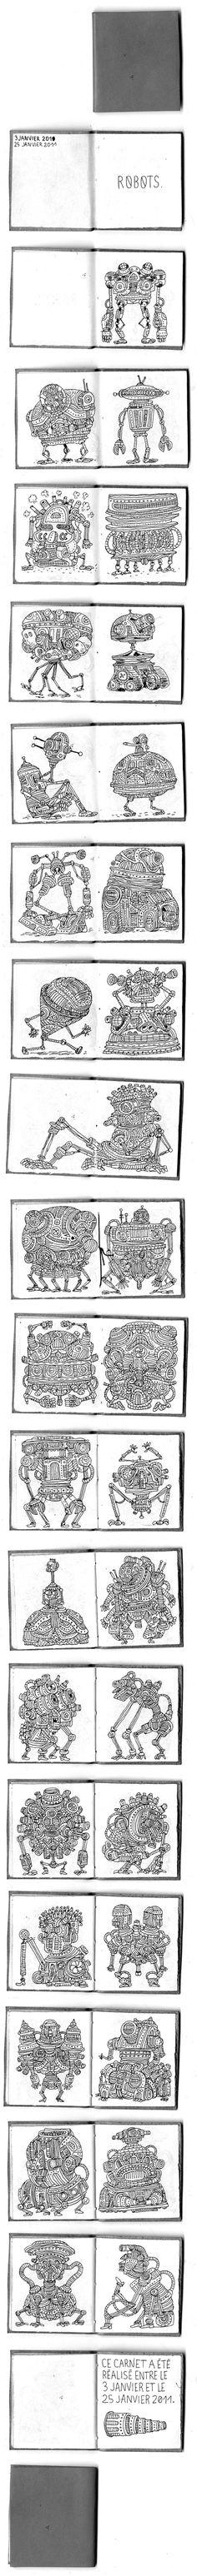 robots doodles  Feel free to visit Vincent Caut's blog.  http://blog-de-vincent.blogspot.com/2011/01/26-janvier-2011.html